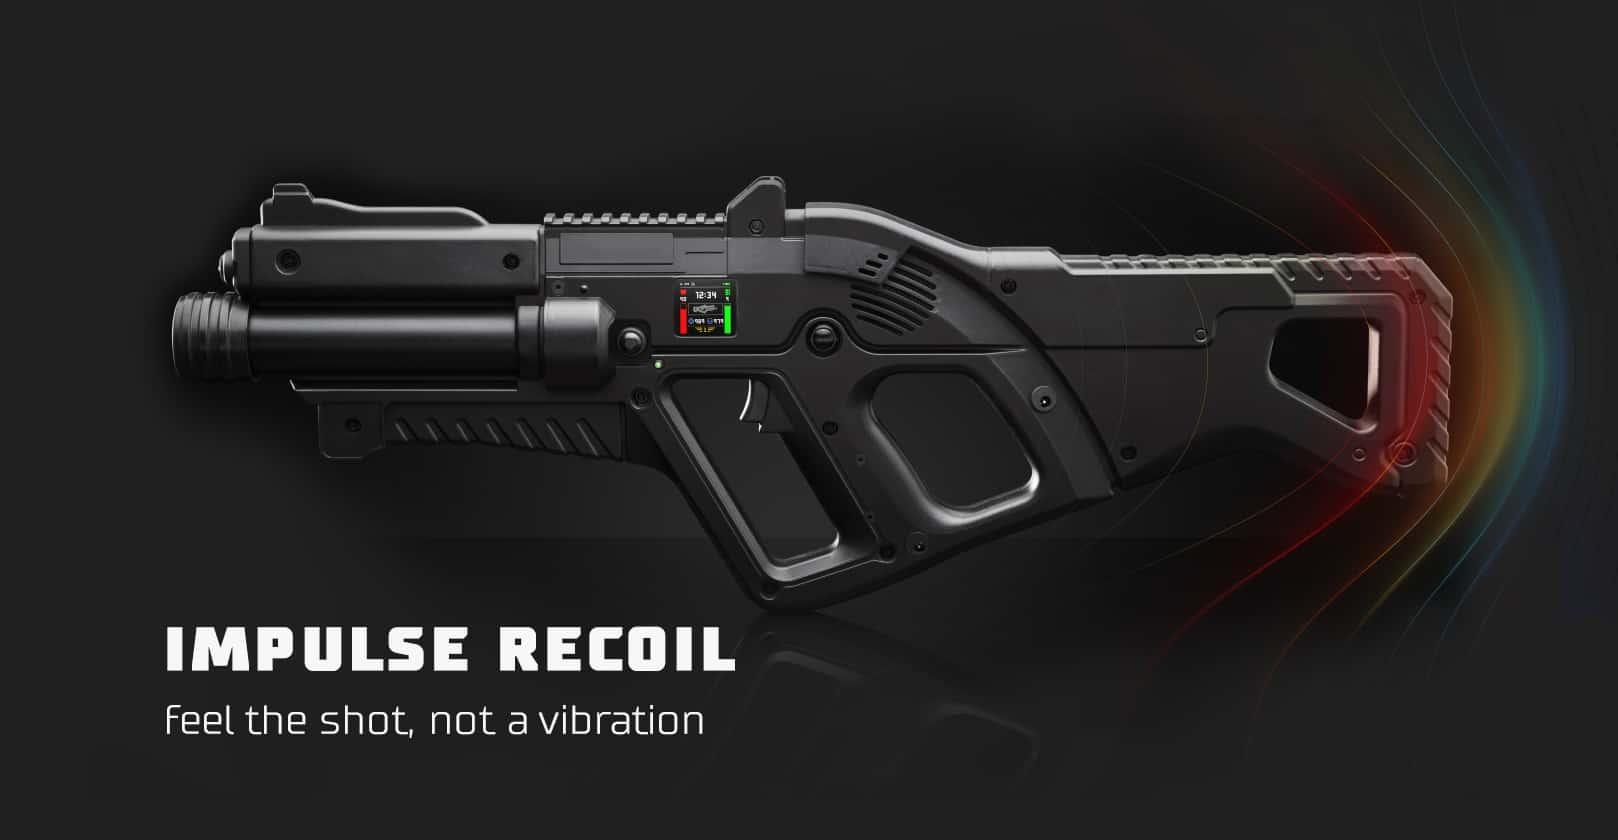 Impulse Recoil Maine Laser Tag